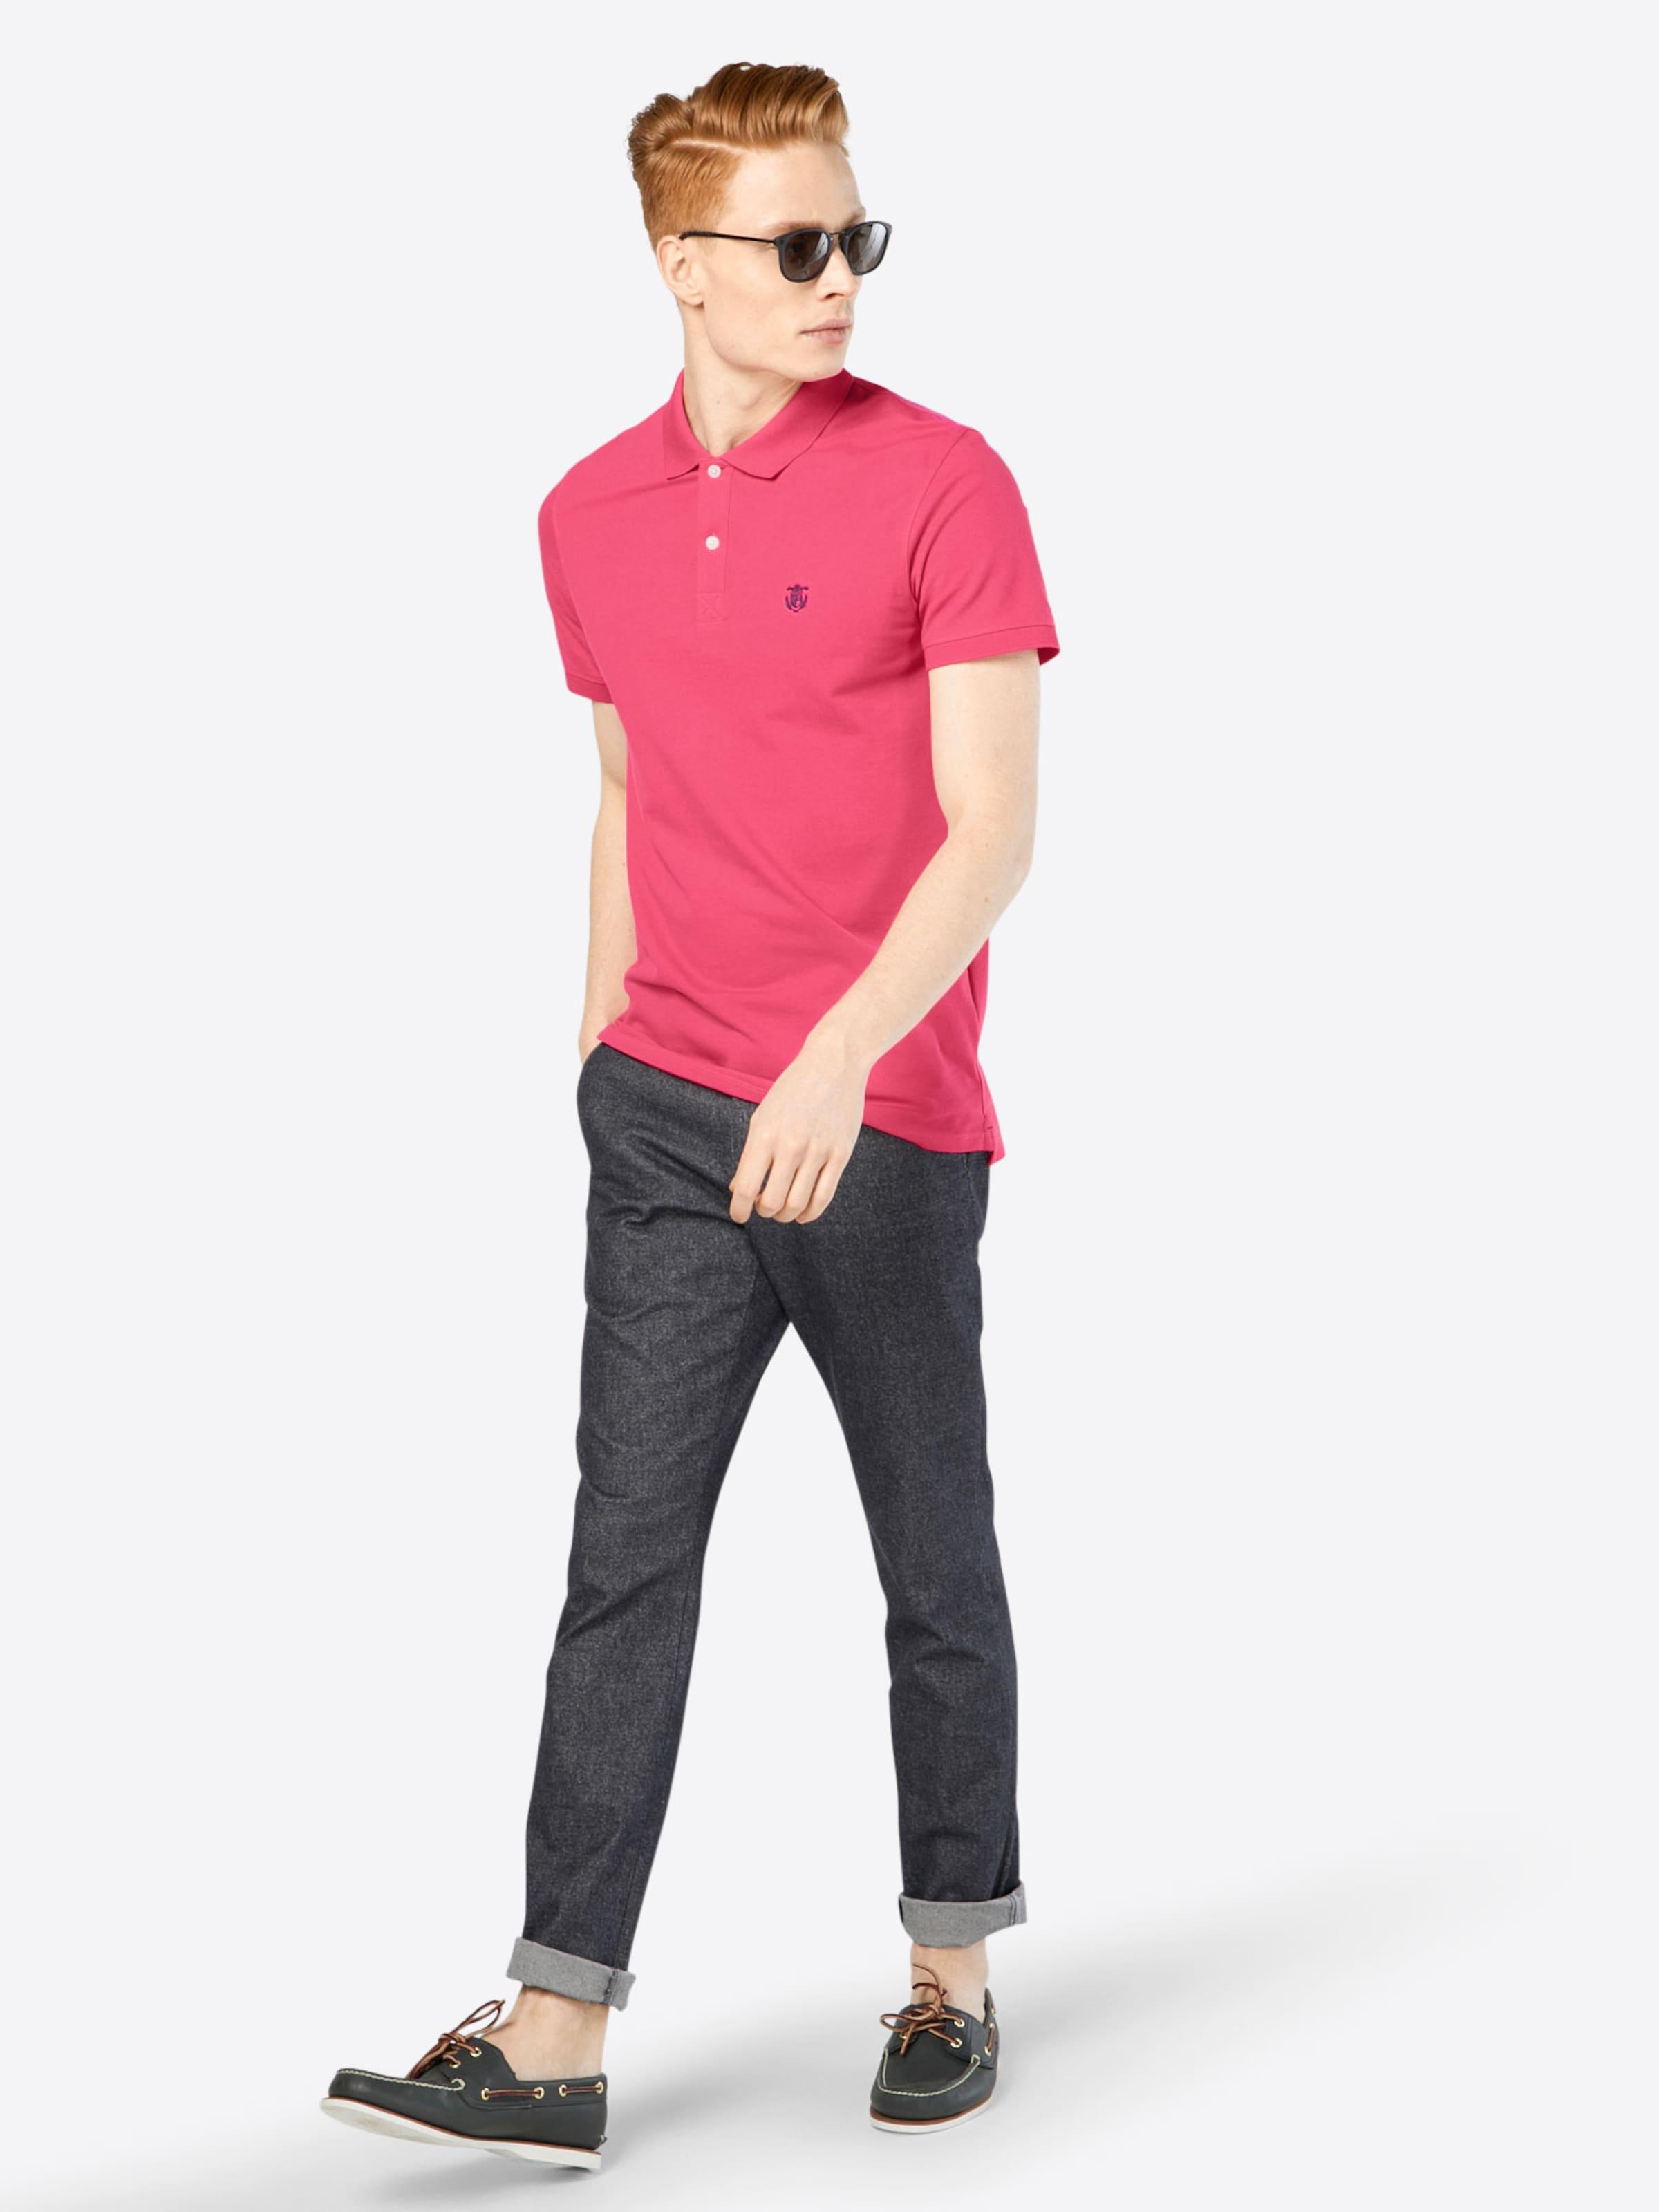 Ausgezeichnet SELECTED HOMME Poloshirt 'SH Daro' Günstig Kaufen Brandneue Unisex Sonnenschein Authentisch Günstig Online AaORlTsg